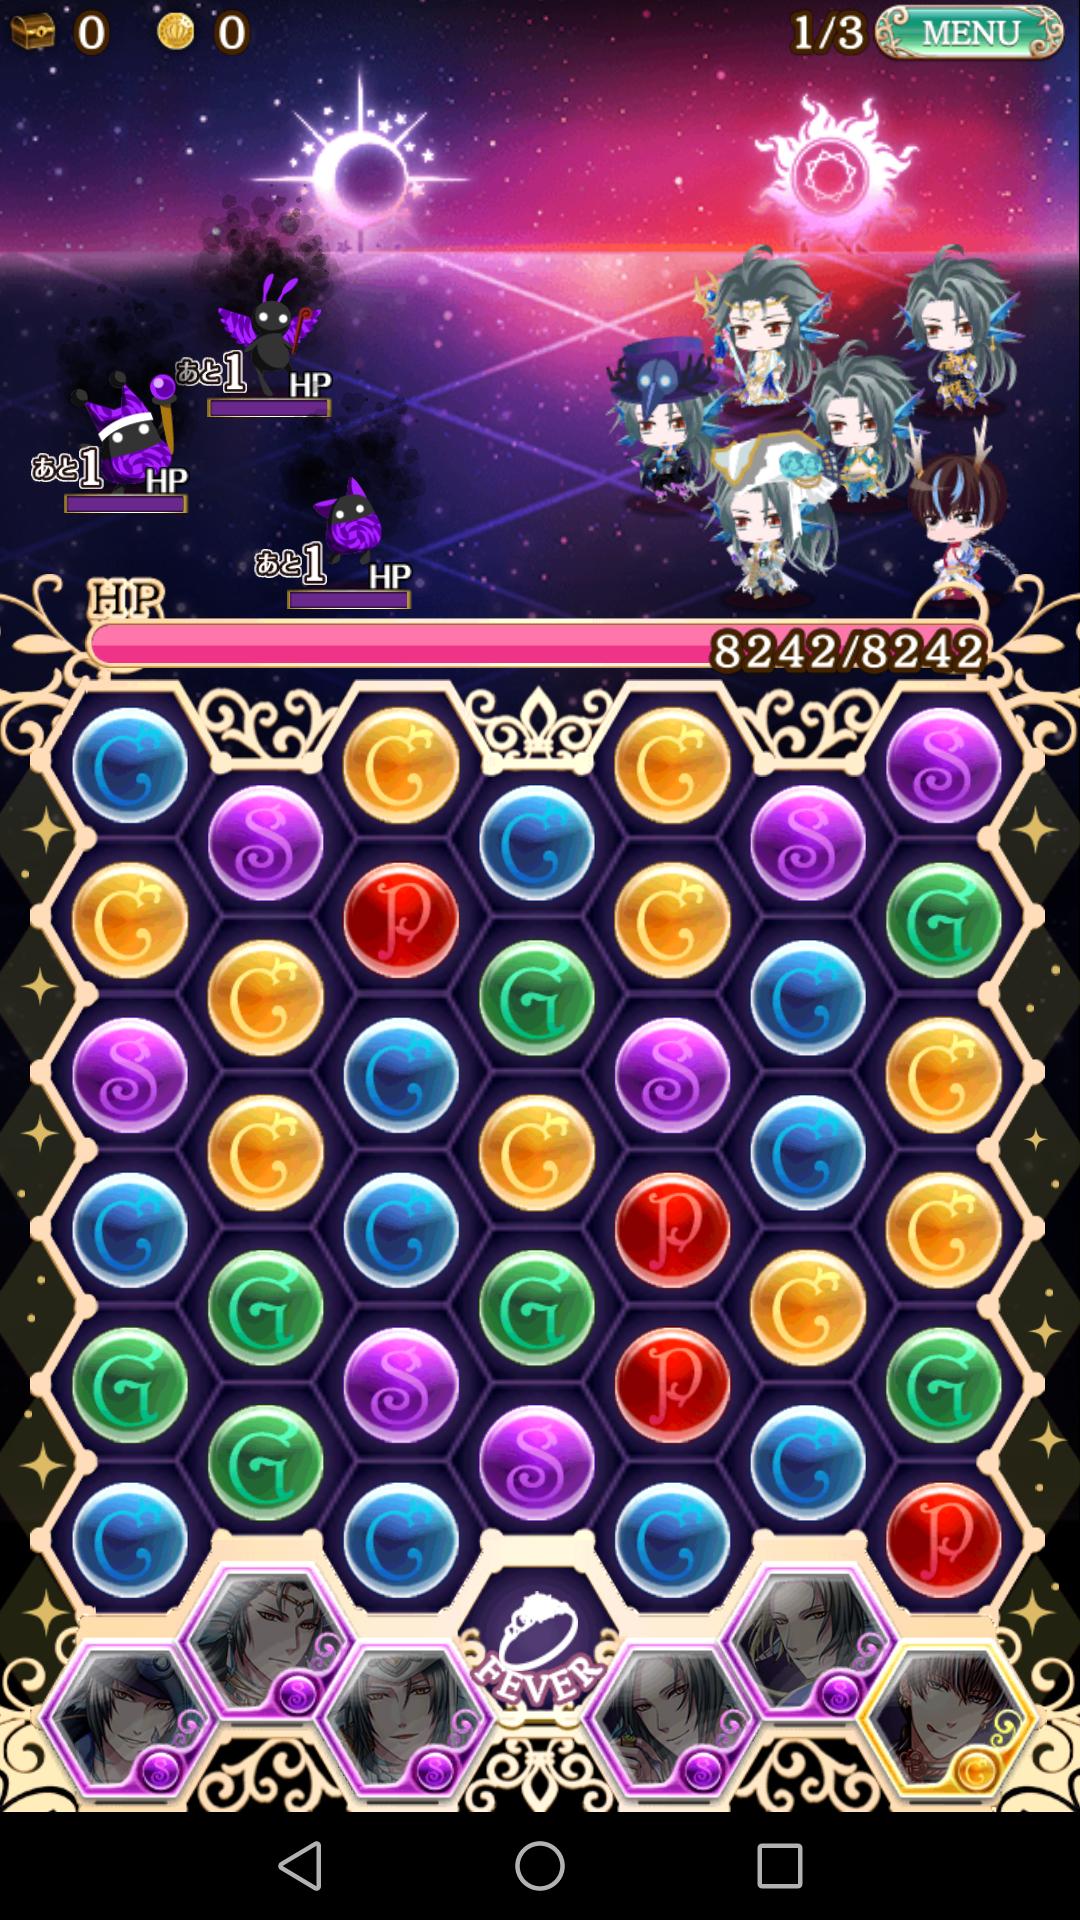 【夢100】ランクアップしたい・・!そんな時におすすめのダンジョンを紹介!